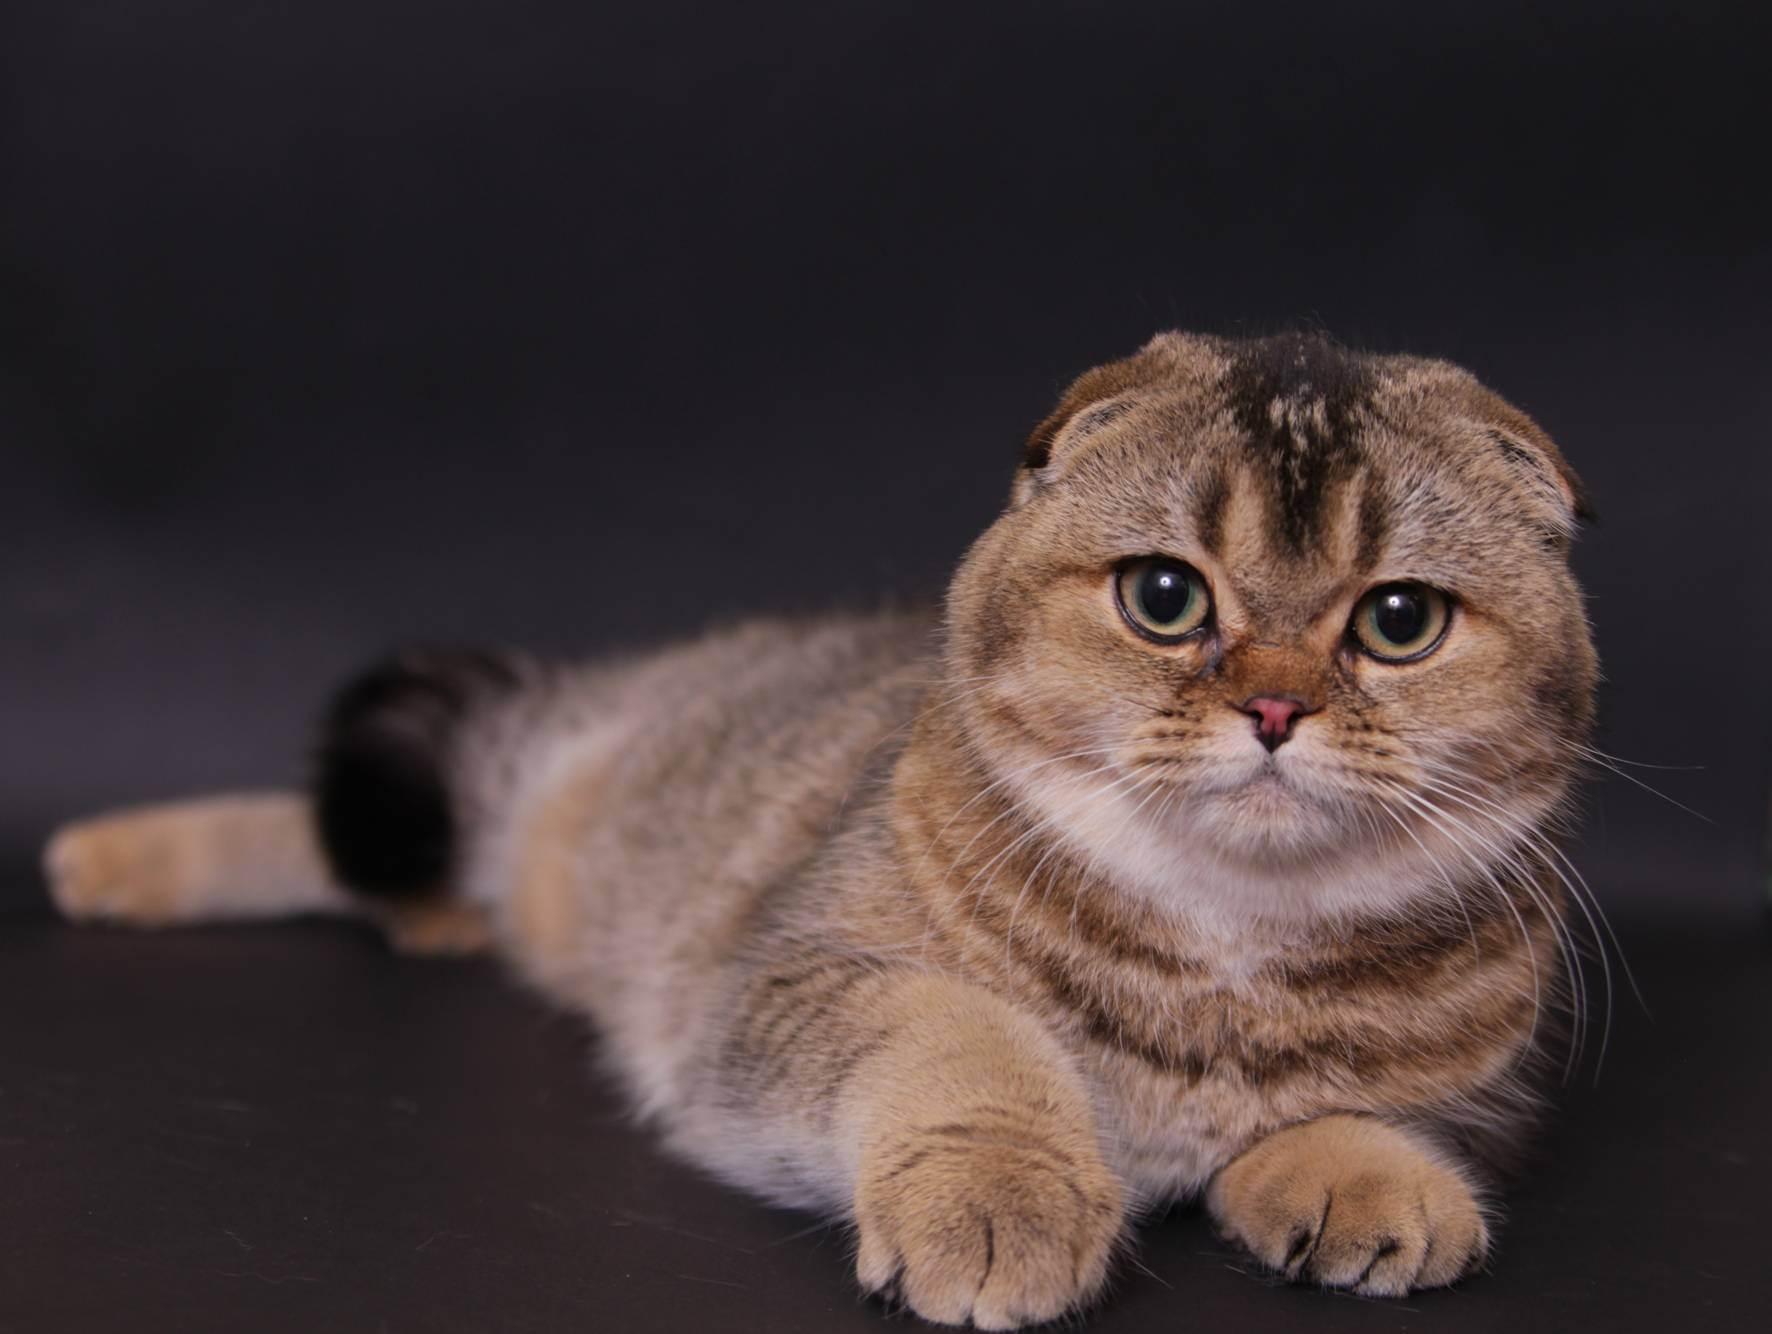 Шотландская вислоухая кошка (скоттиш фолд): описание, характер, содержание и уход, фото